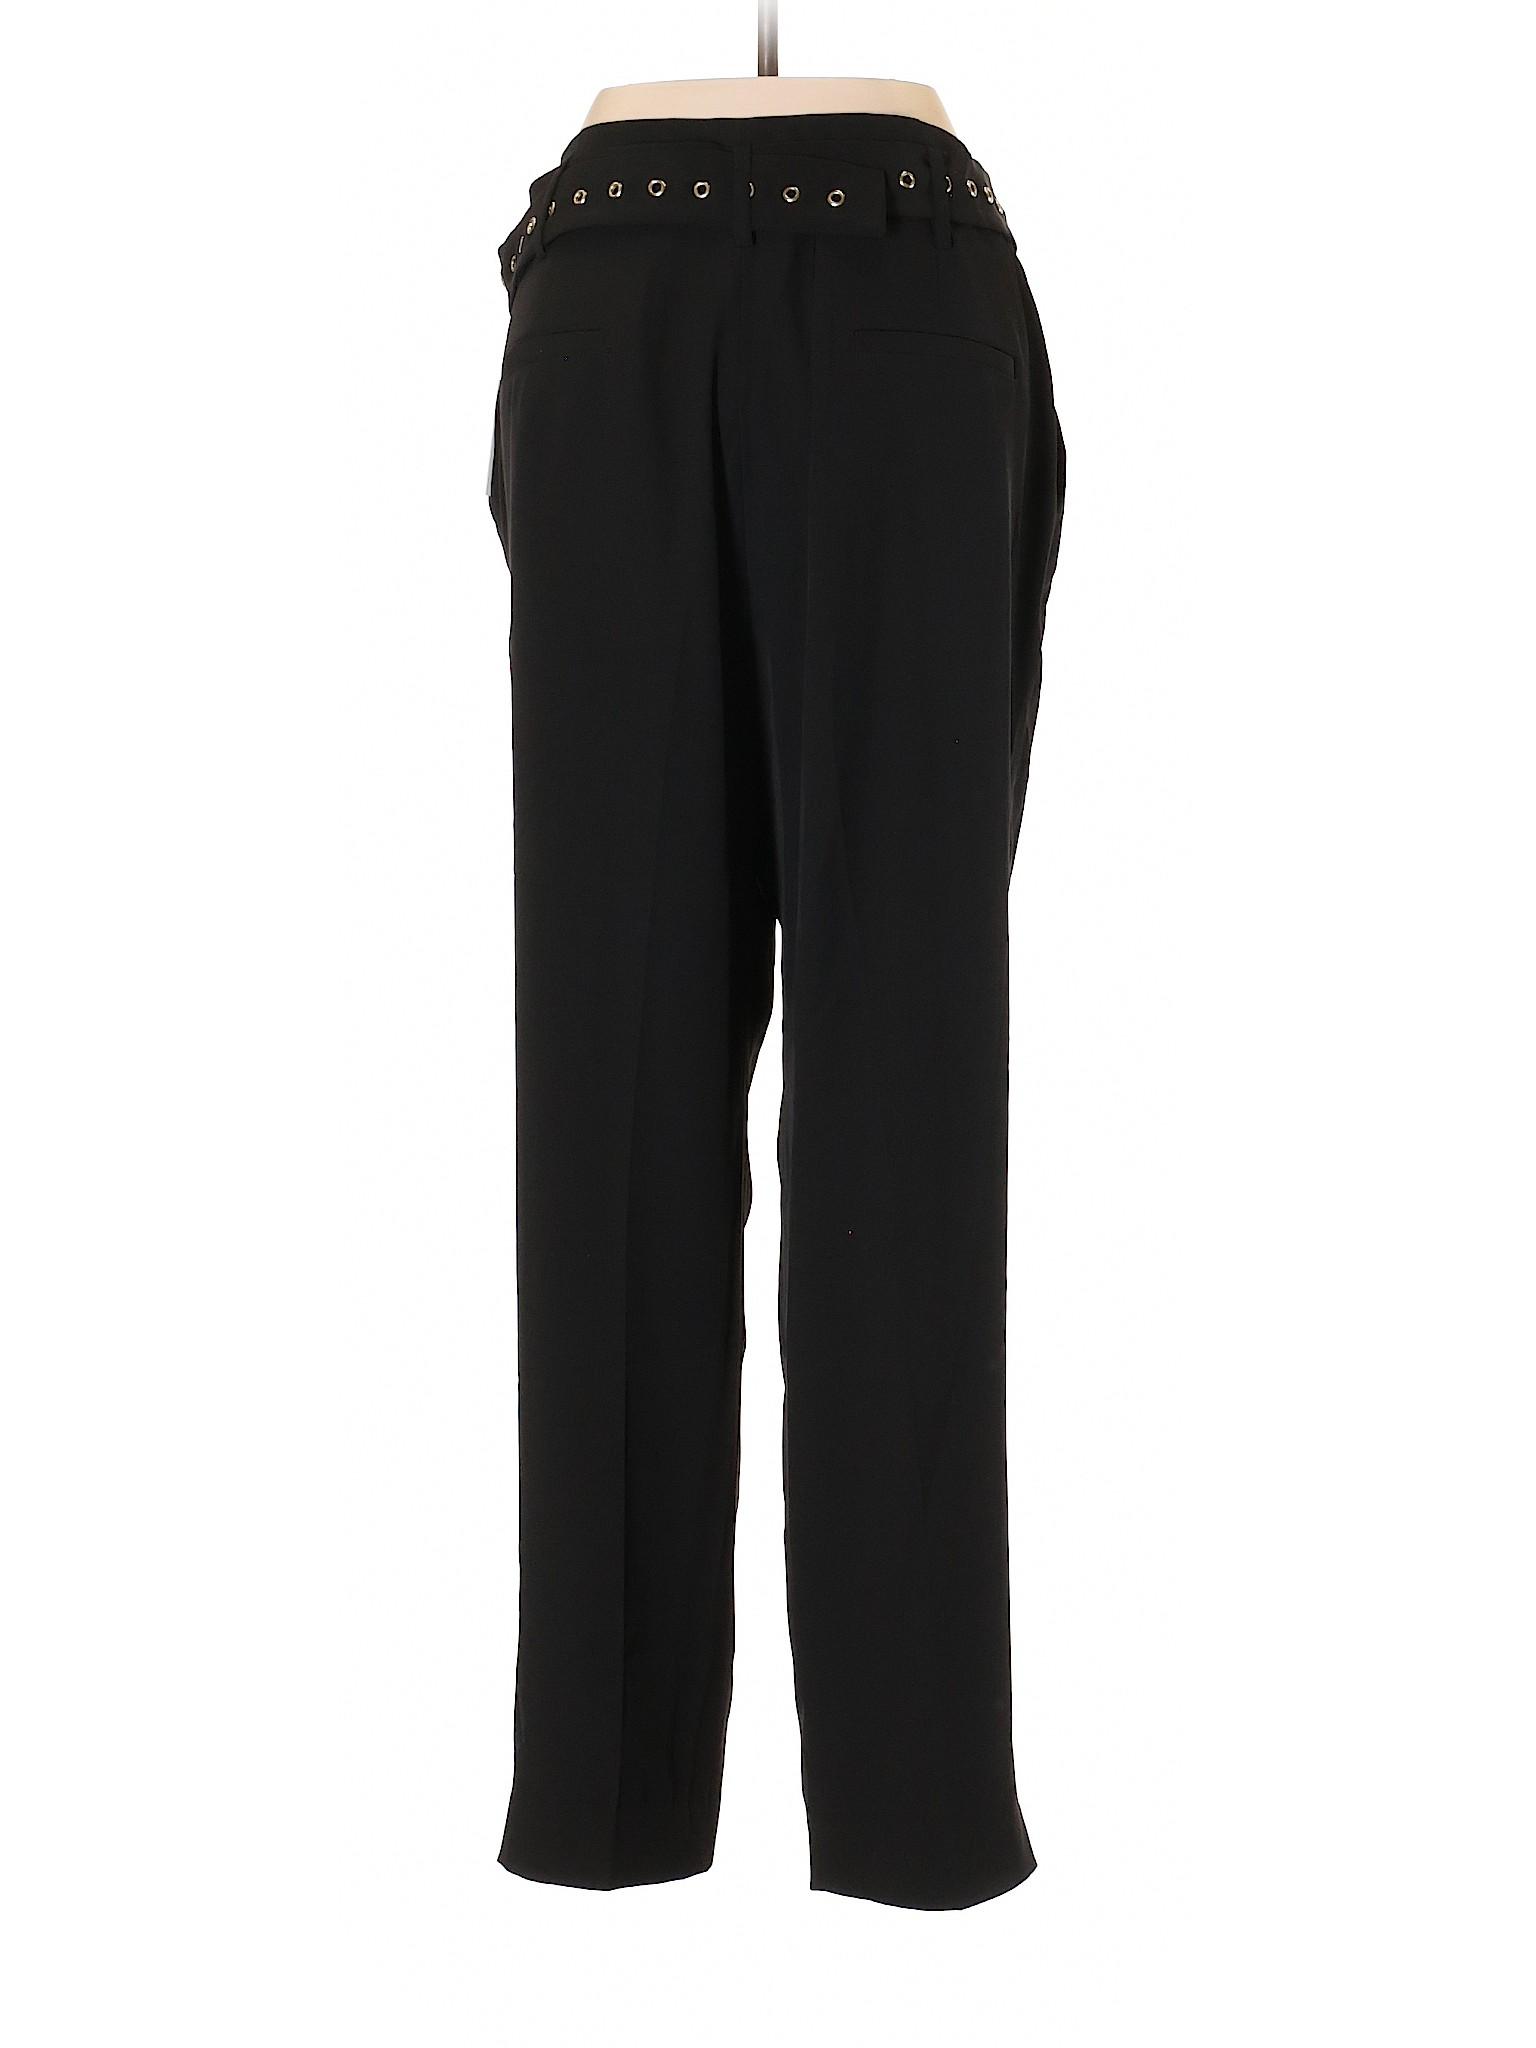 winter Pants Klein Boutique Dress Calvin qxn4Cxwda